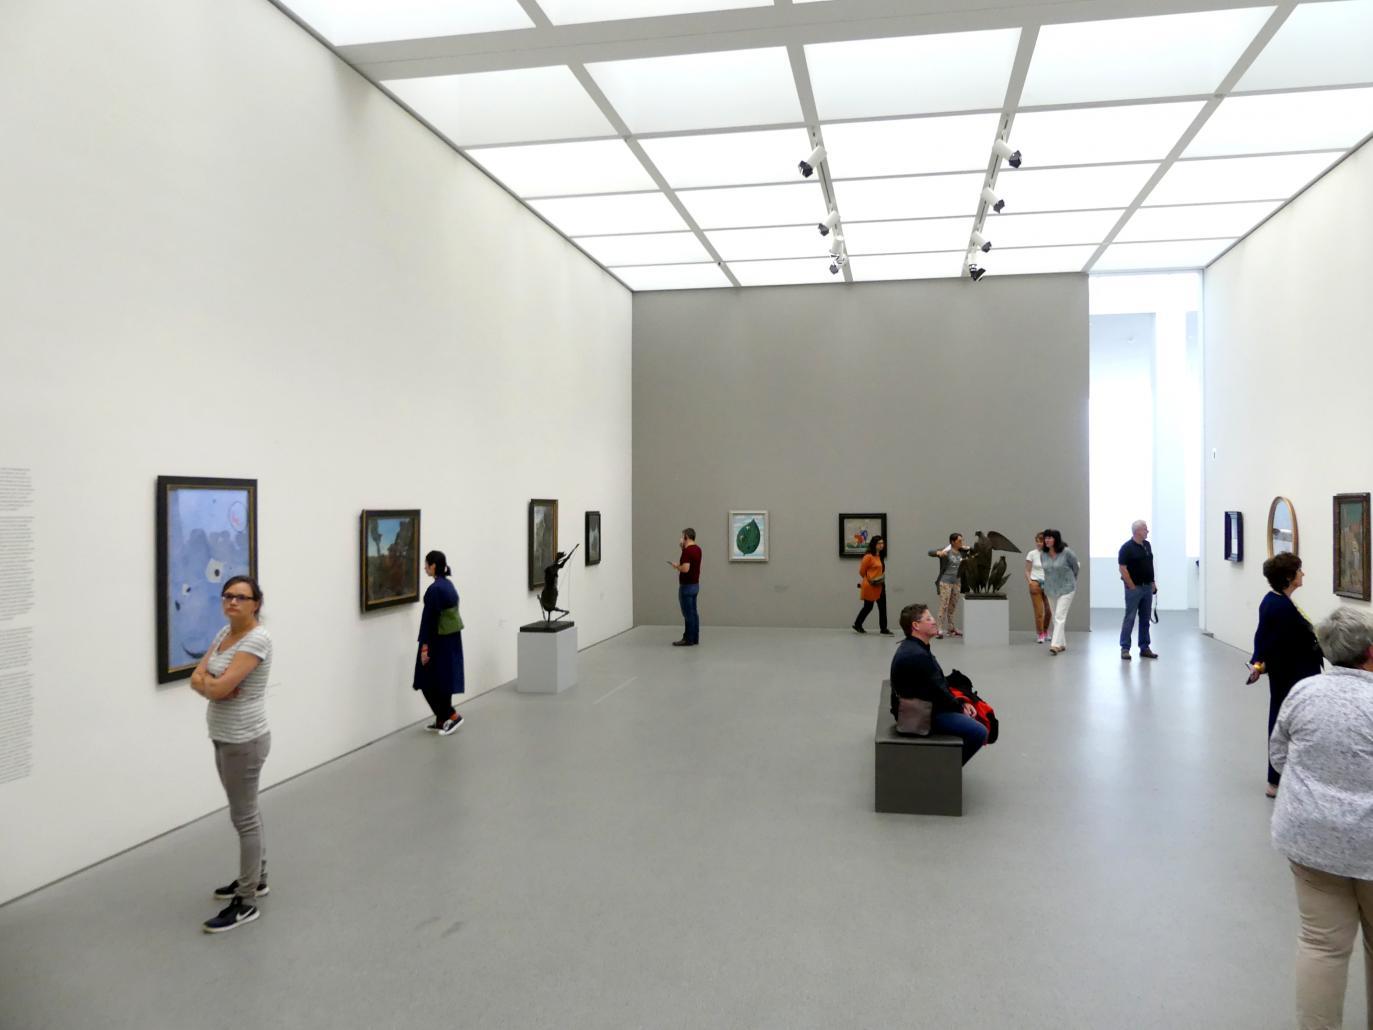 München, Pinakothek der Moderne, Saal 11, Bild 2/4